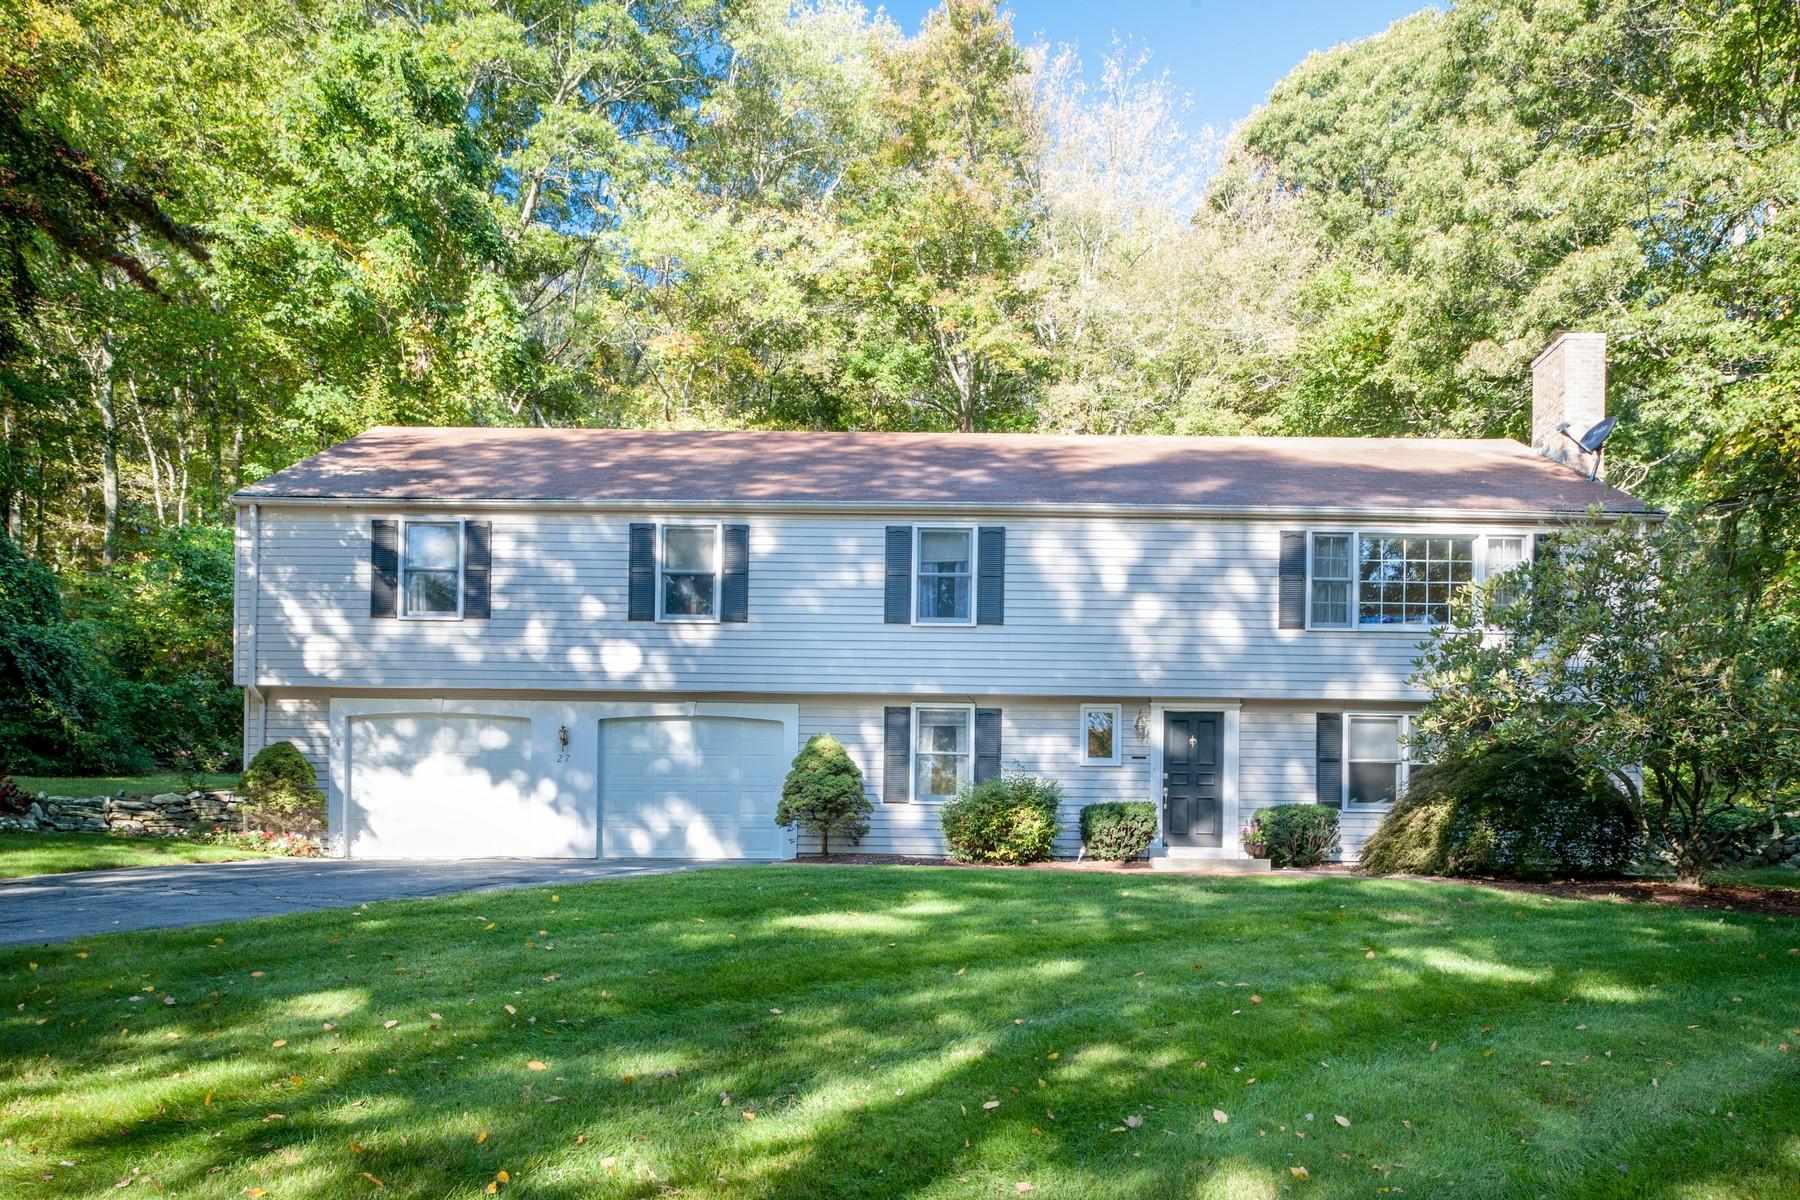 Einfamilienhaus für Verkauf beim Great Location! 27 Coult Lane Old Lyme, Connecticut, 06371 Vereinigte Staaten